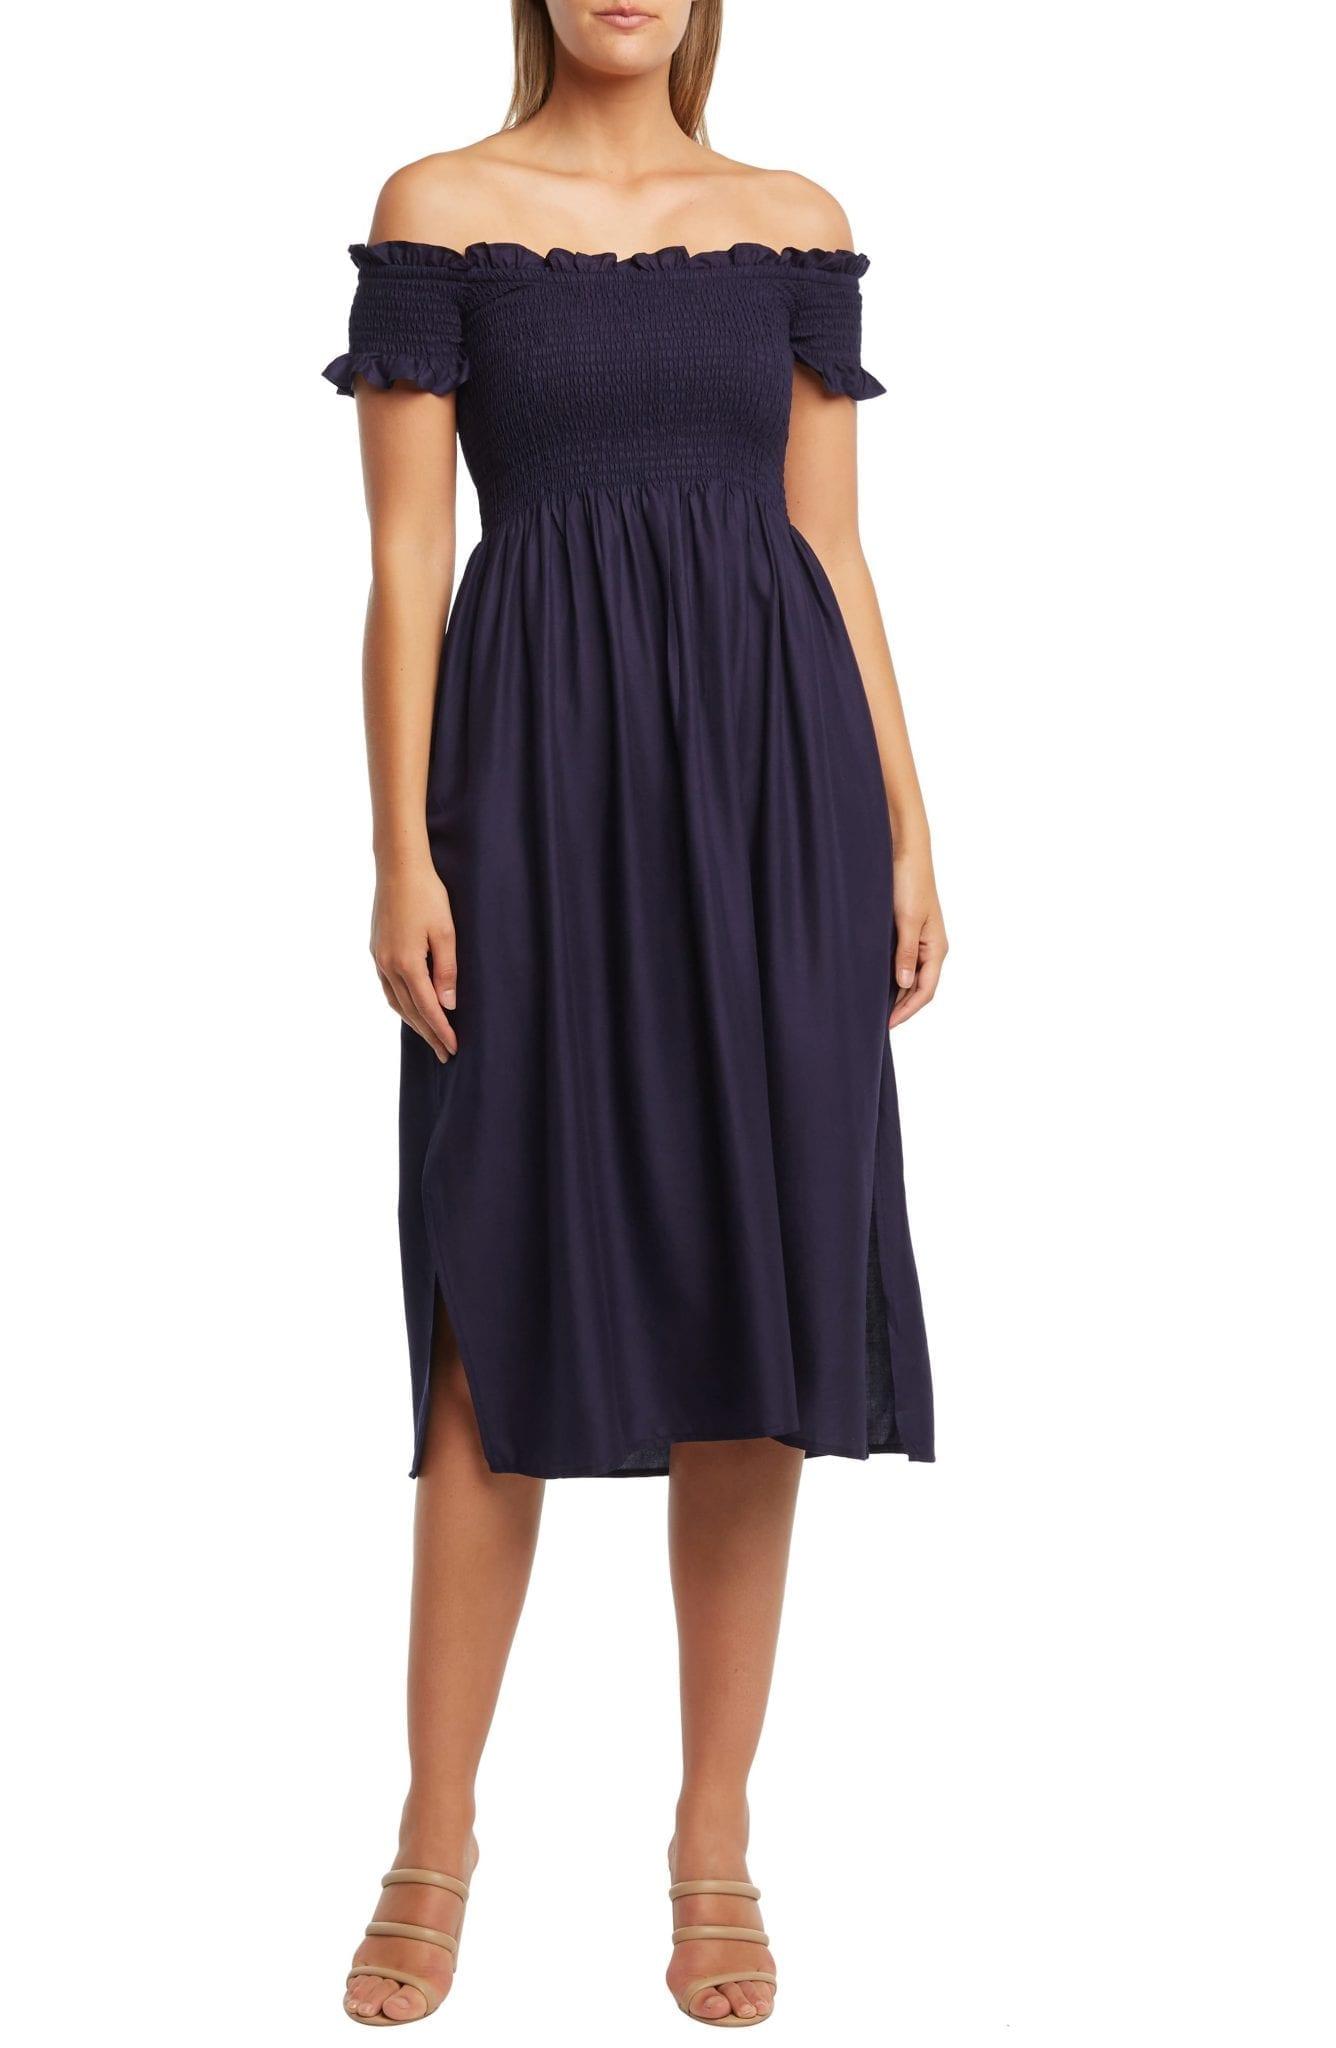 BARDOT Cindy Off the Shoulder Dress